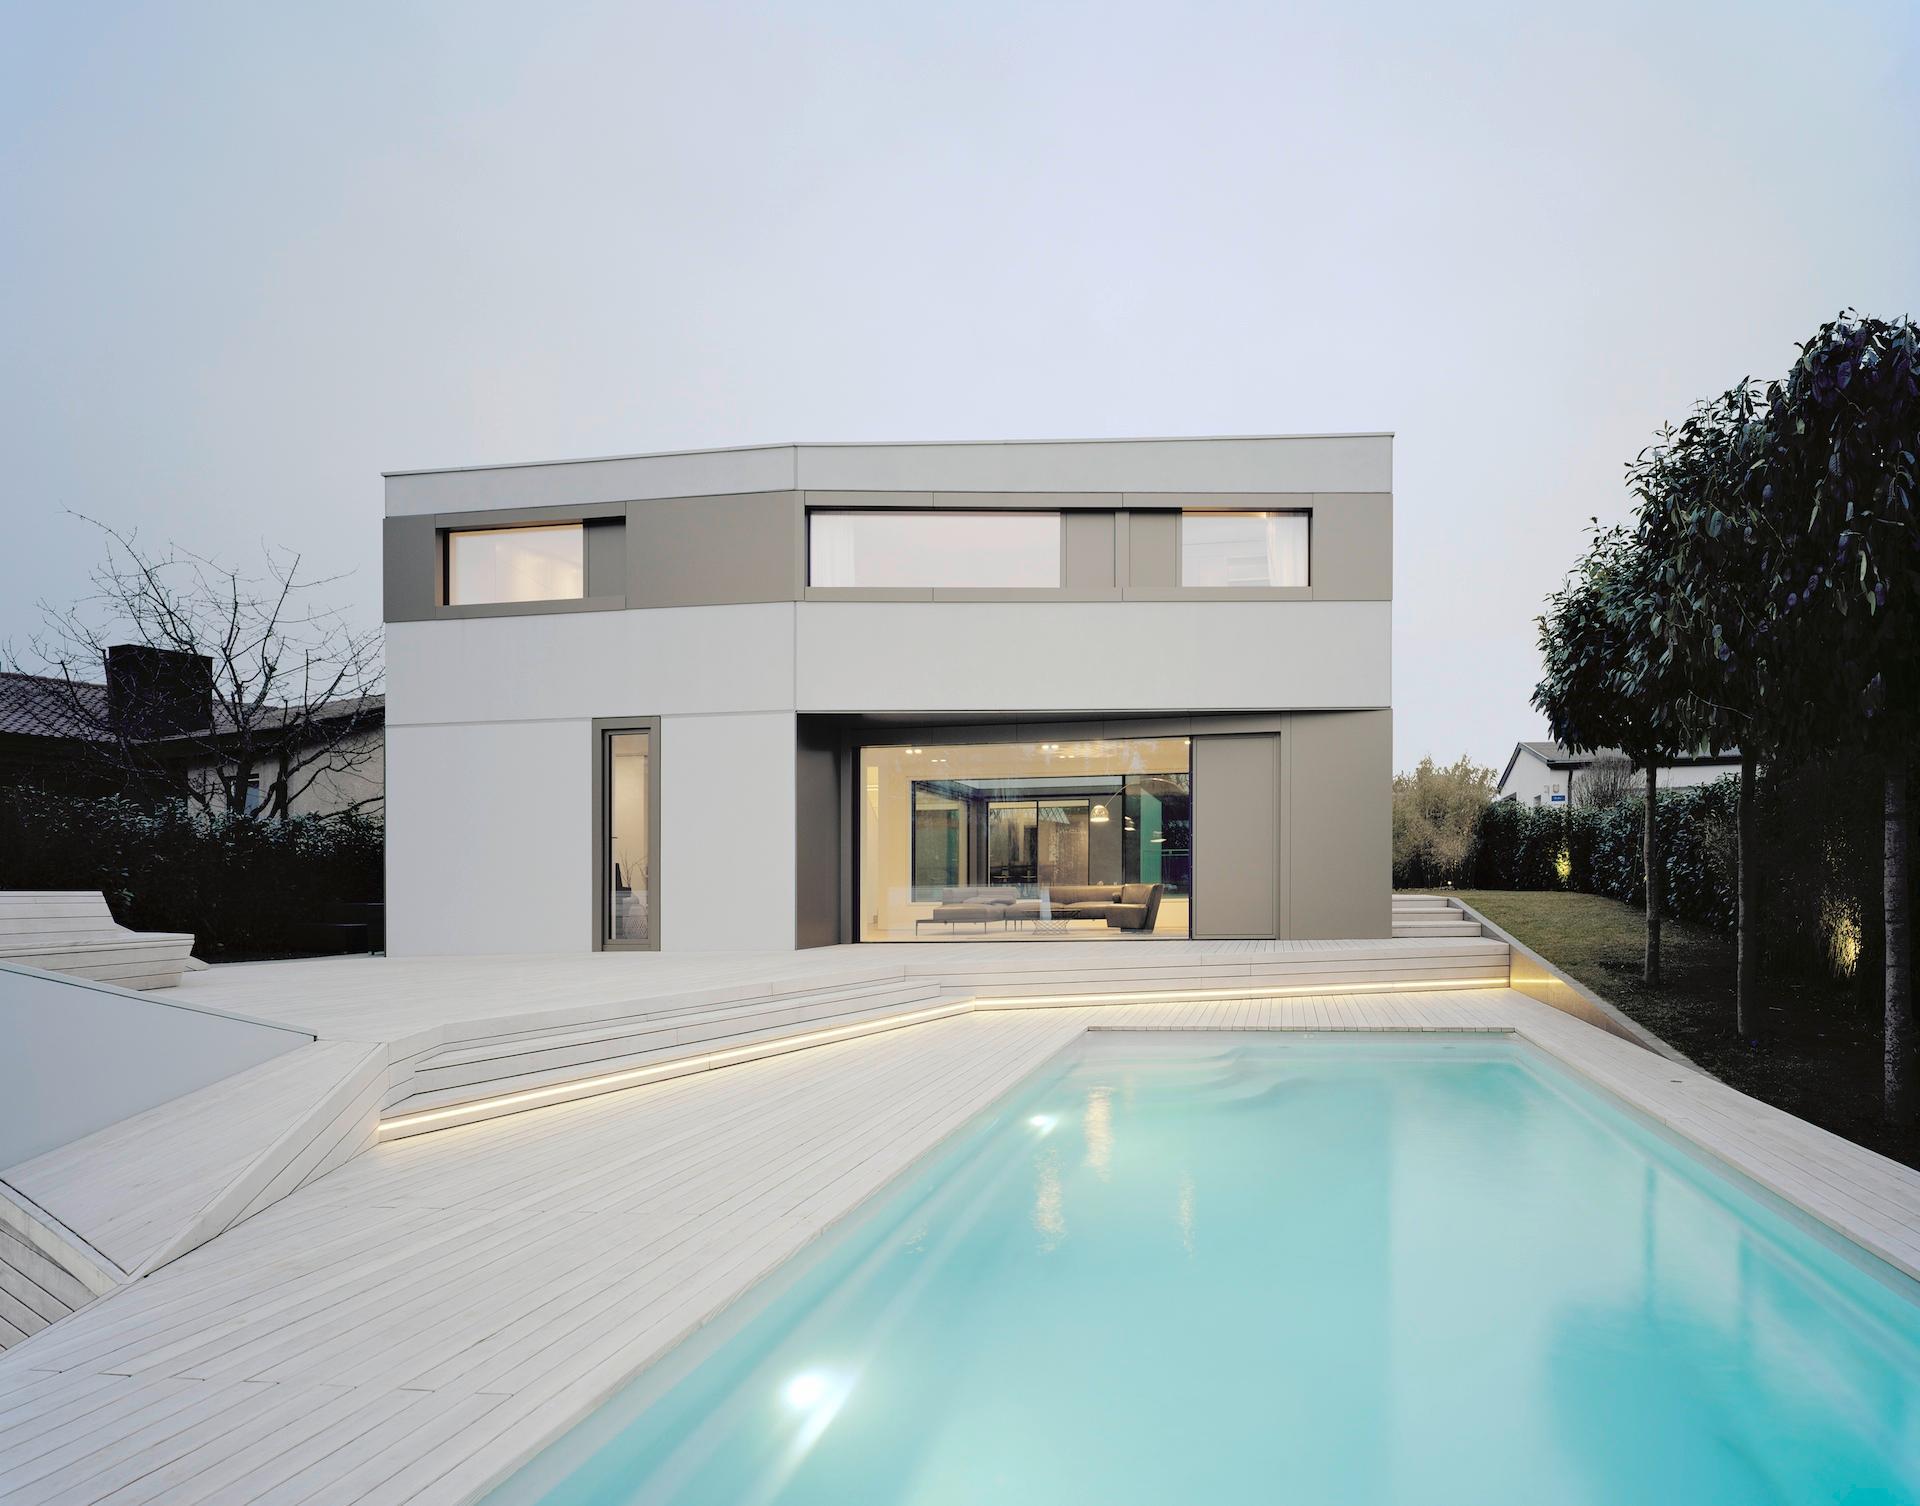 Terrasse Am Pool Bilder Ideen Couch